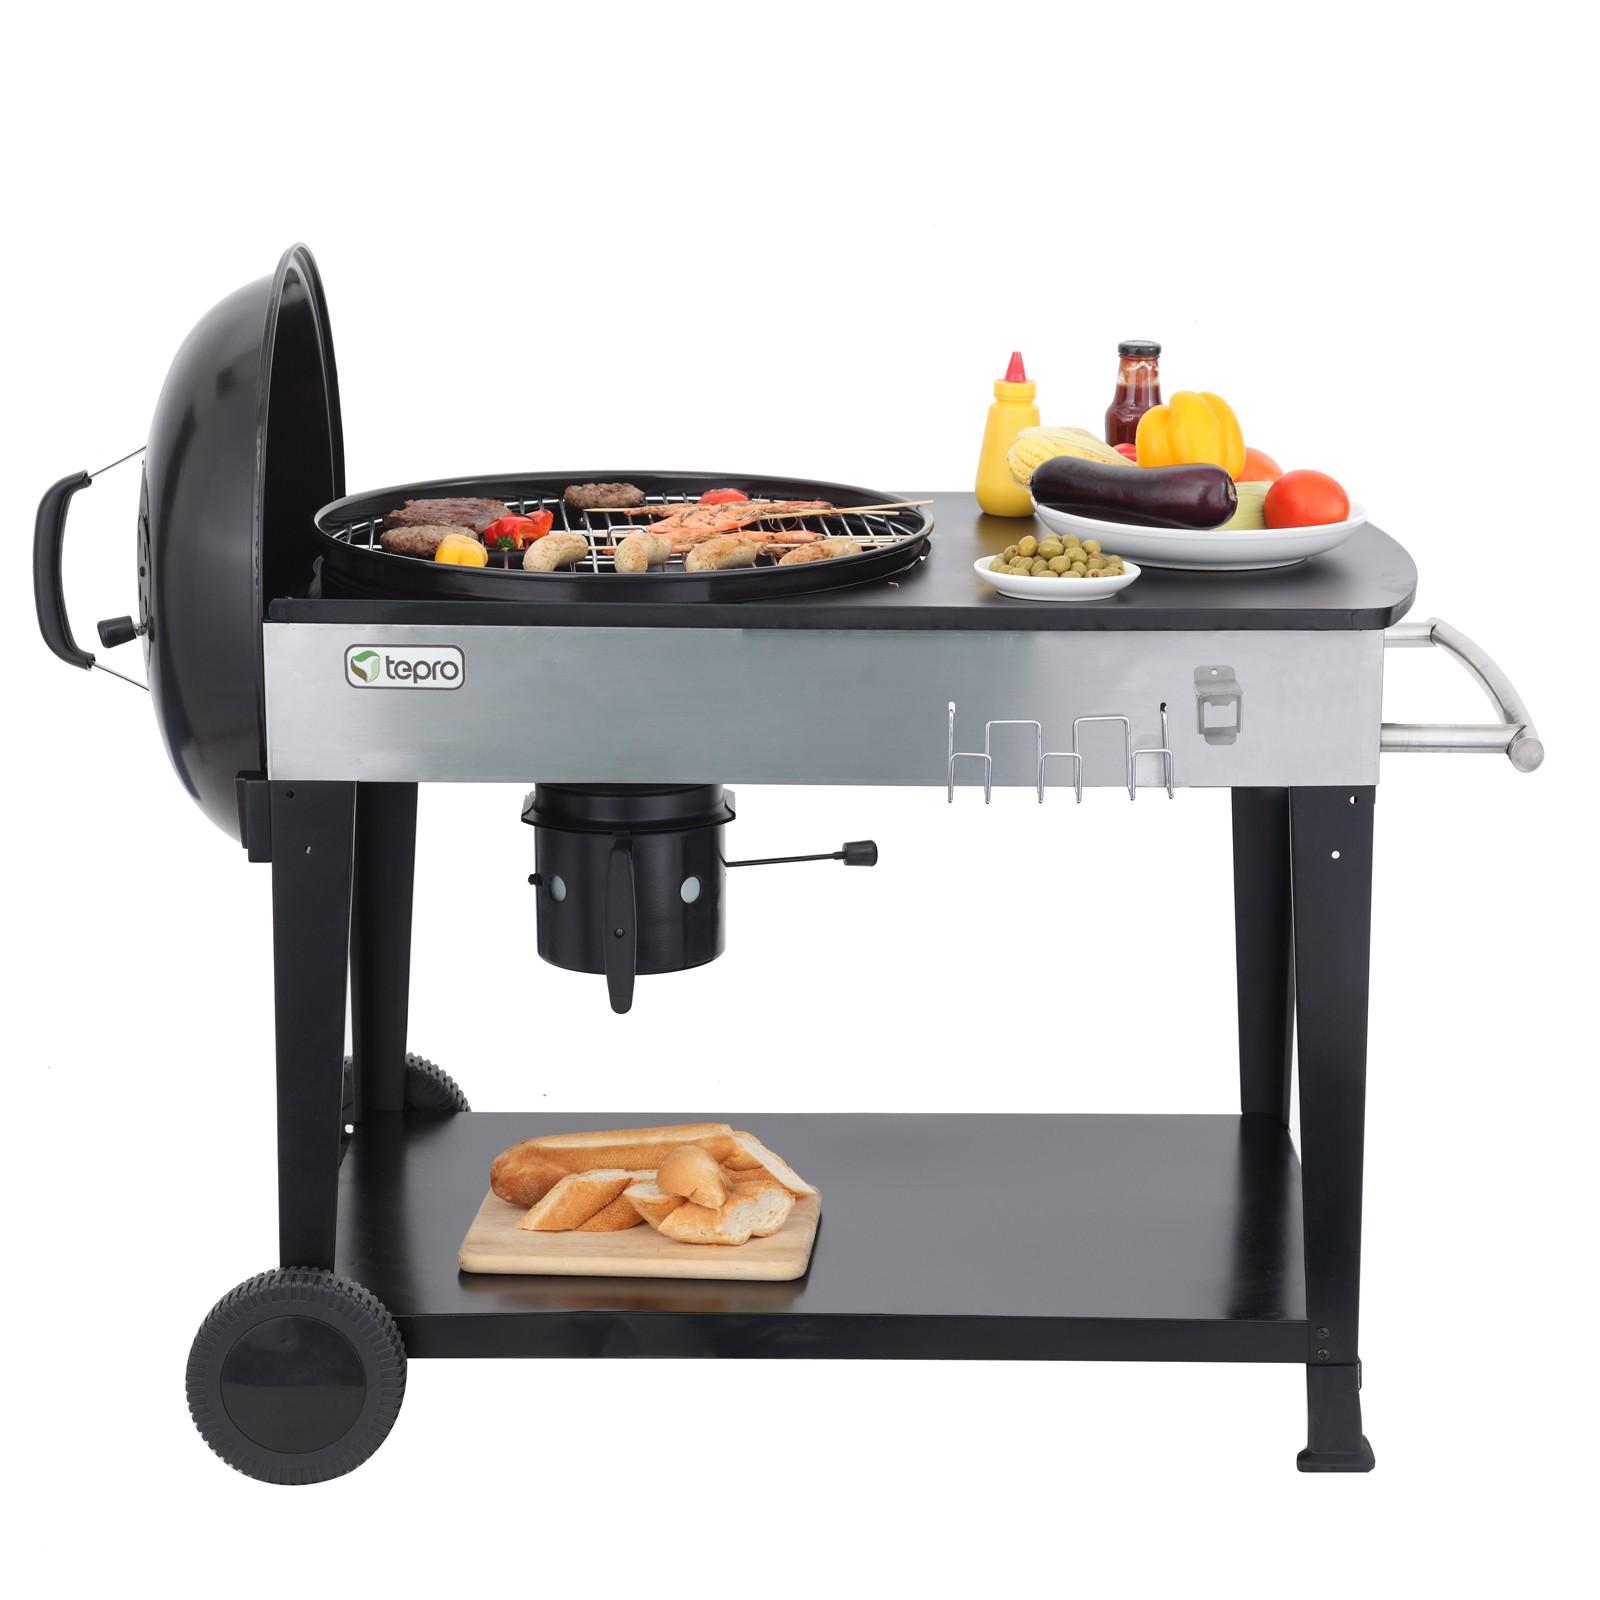 tepro 1102 holzkohlegrill kugelgrill grillwagen barbecue bbq kohlegrill belmont ebay. Black Bedroom Furniture Sets. Home Design Ideas